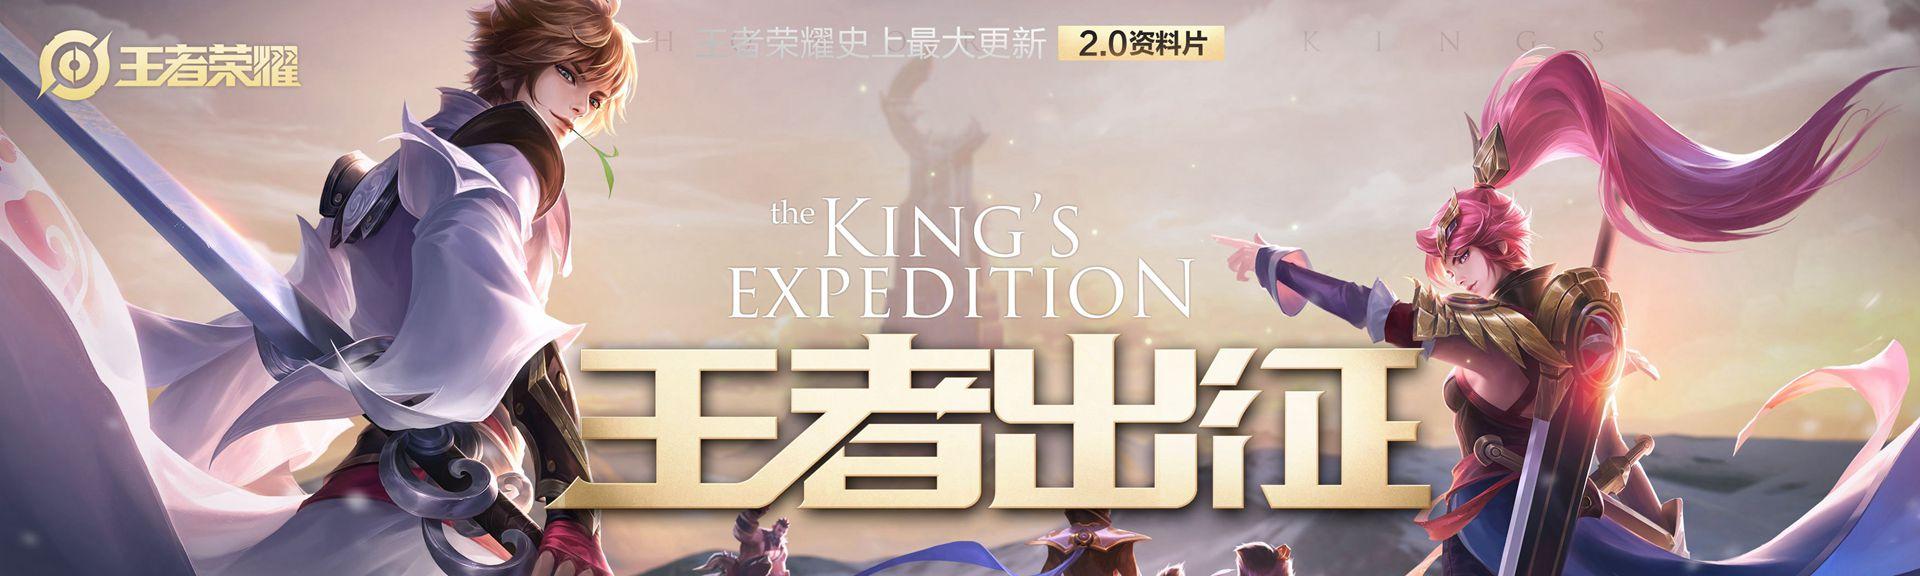 《王者荣耀》新版本:王者出征今日上线